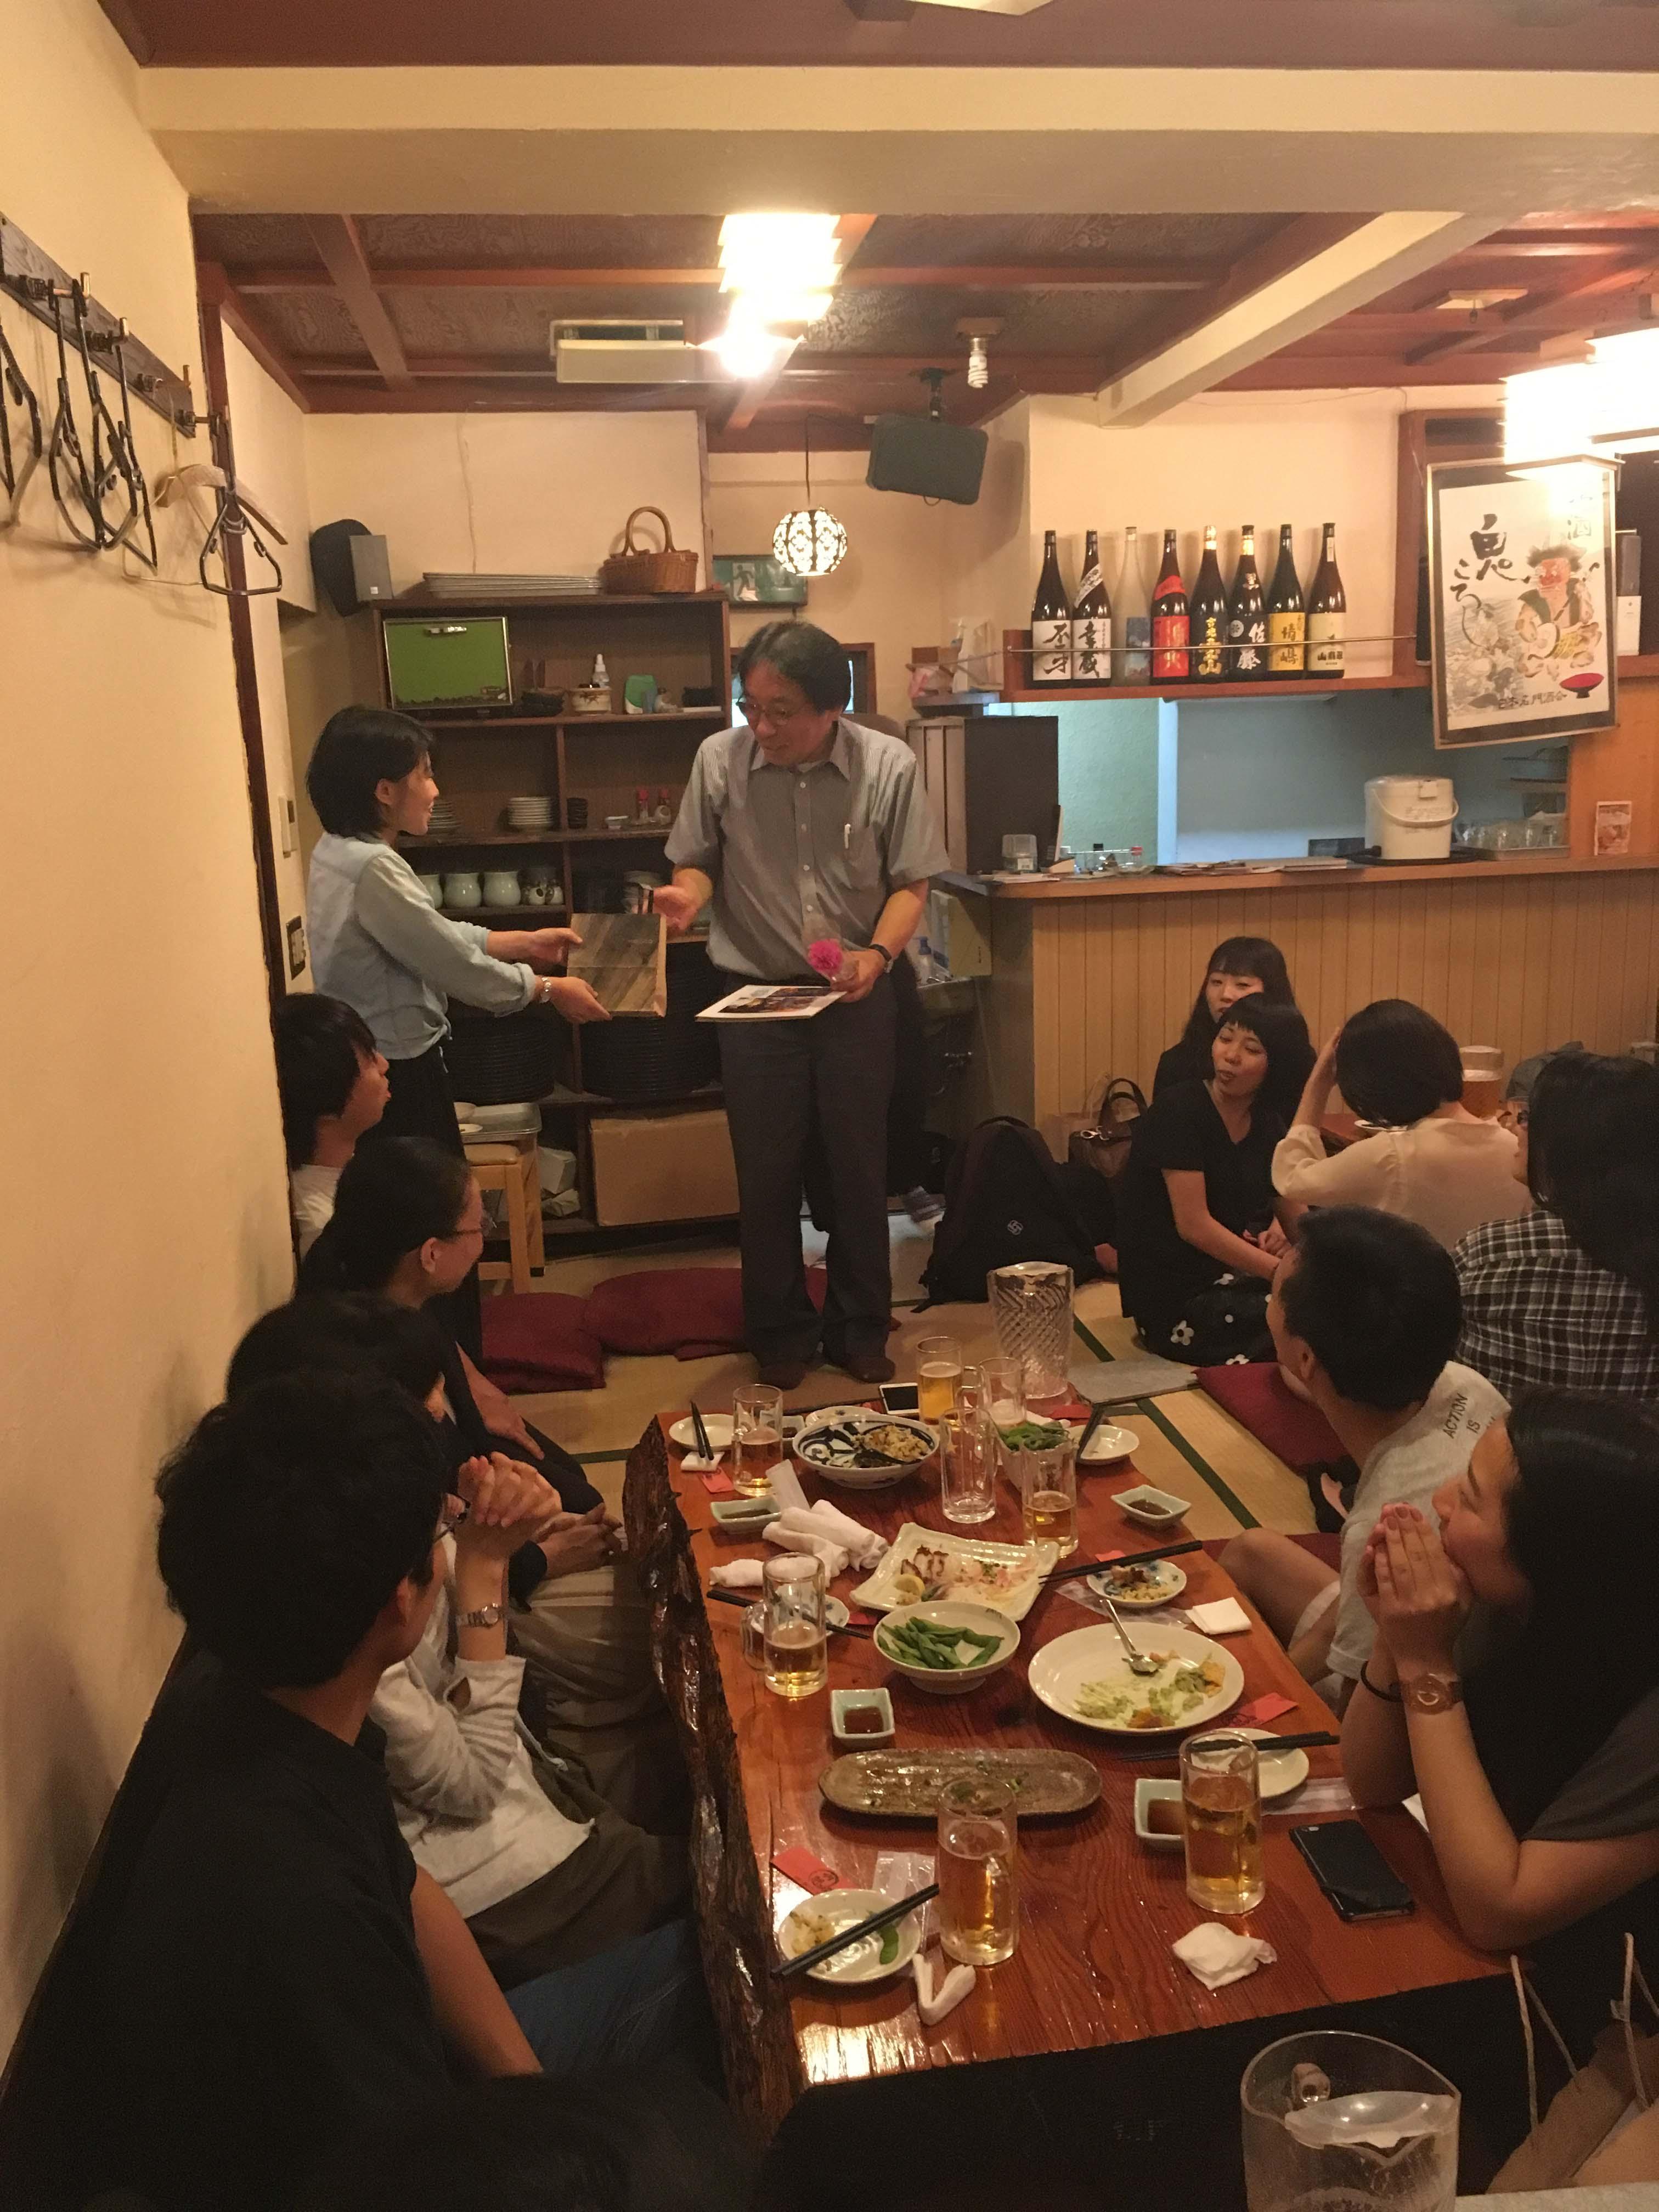 http://ud.t.u-tokyo.ac.jp/blog/_images/%E4%BA%8C%E6%AC%A1%E4%BC%9A.JPG